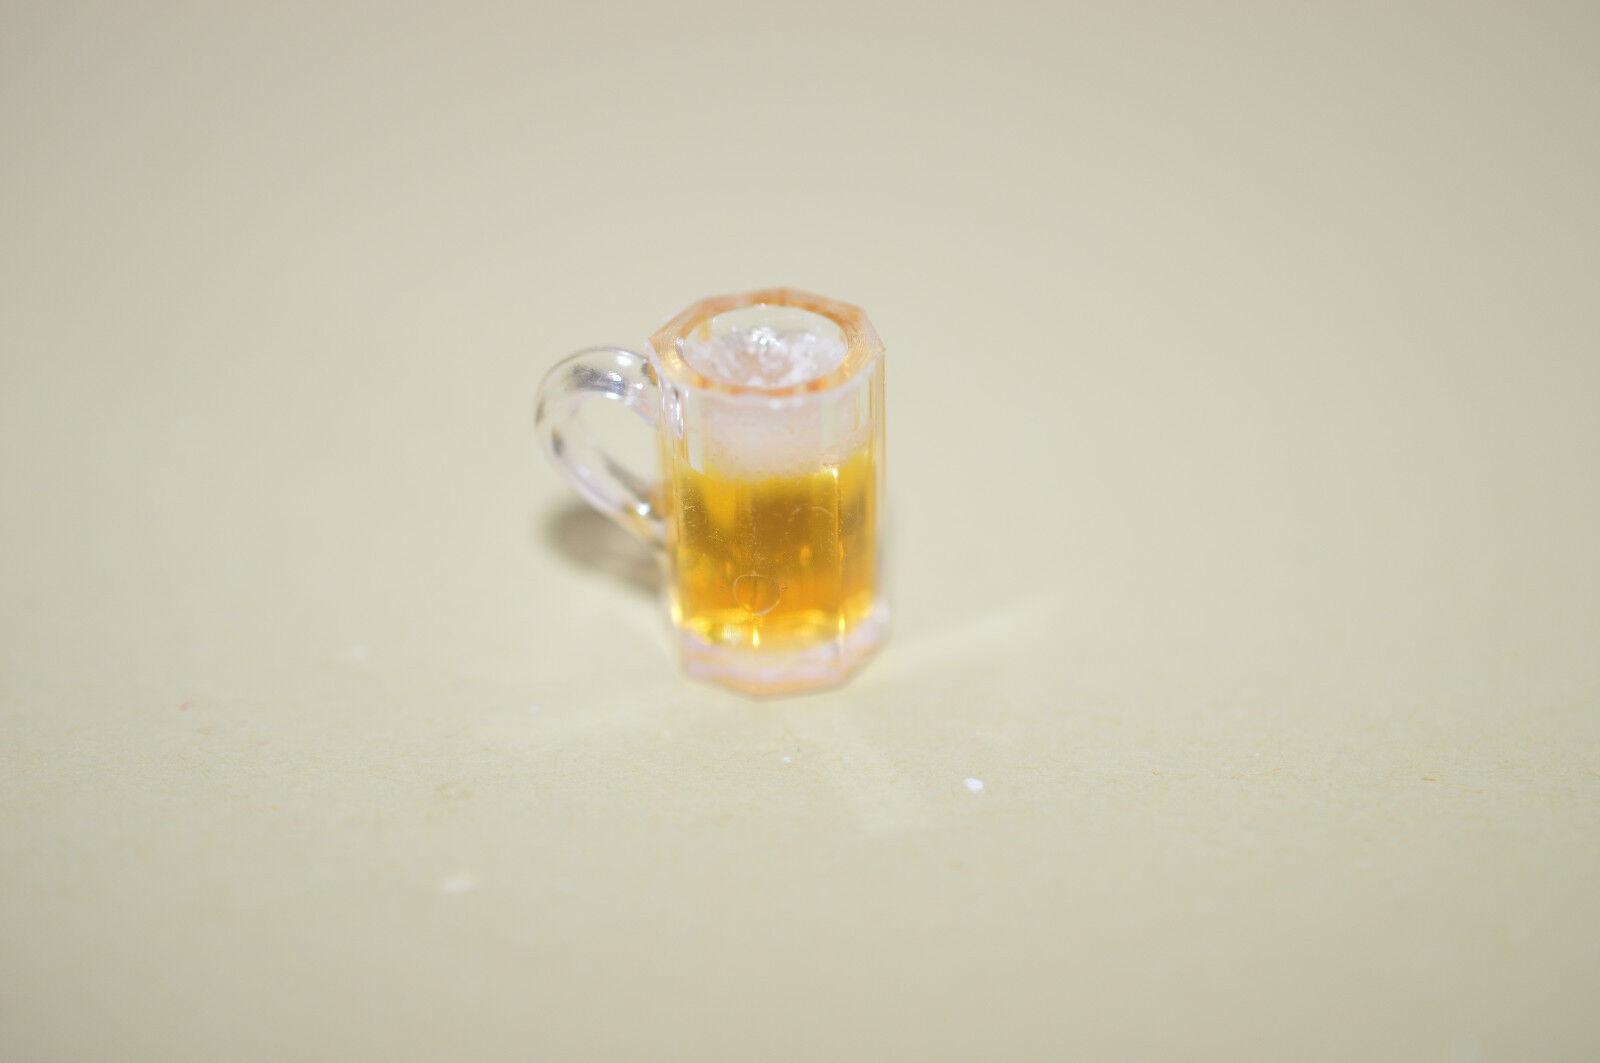 FA11019 Dollhouse Miniature Beer Mug with Foam